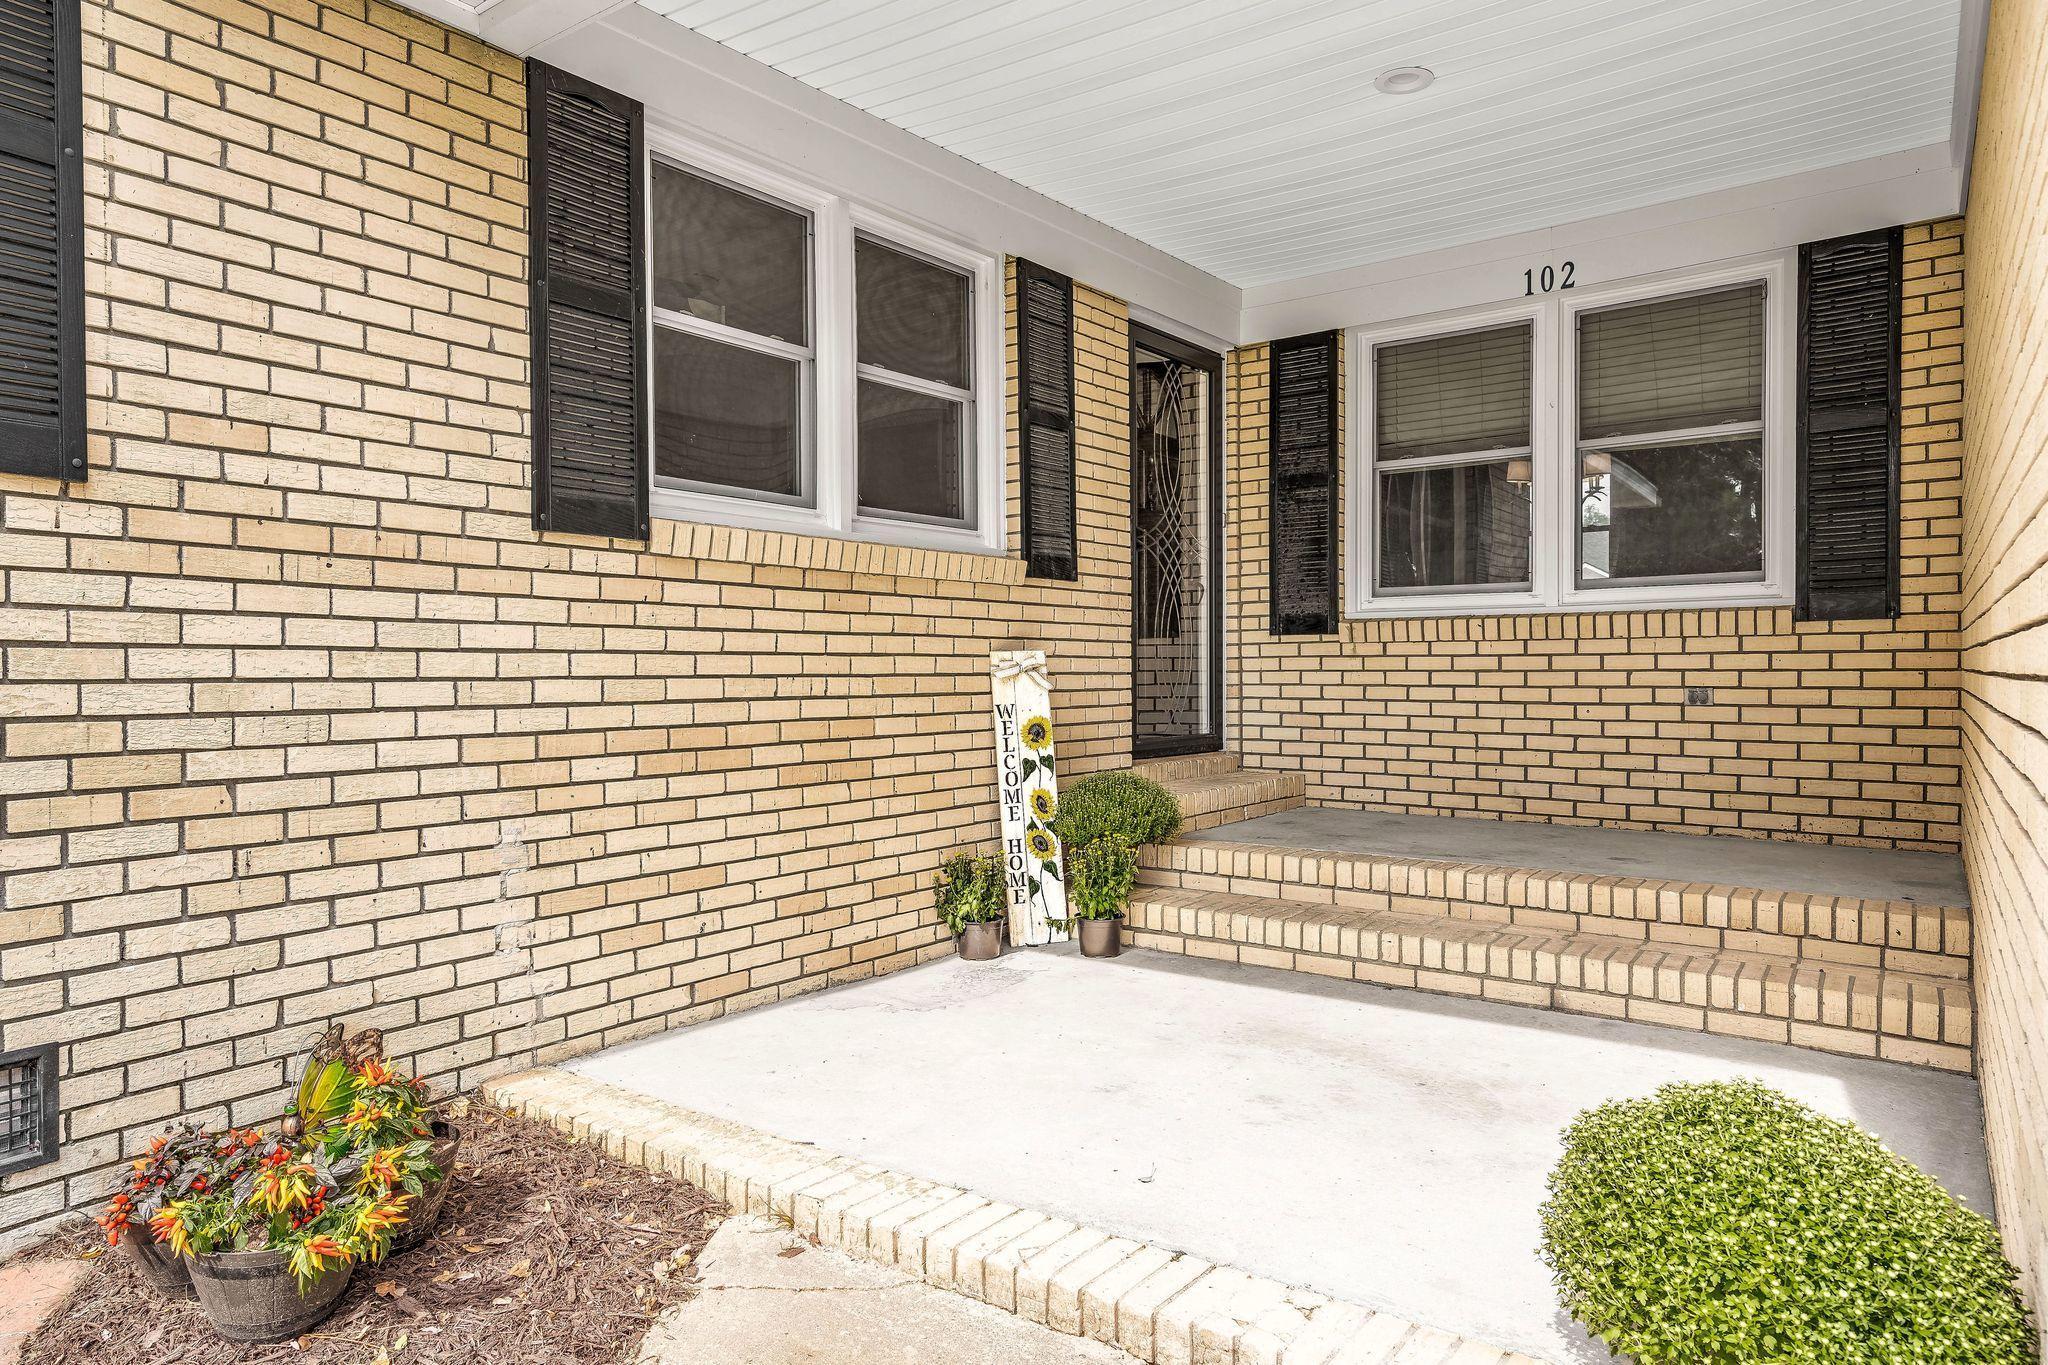 102 Pelican Lane Summerville, SC 29485